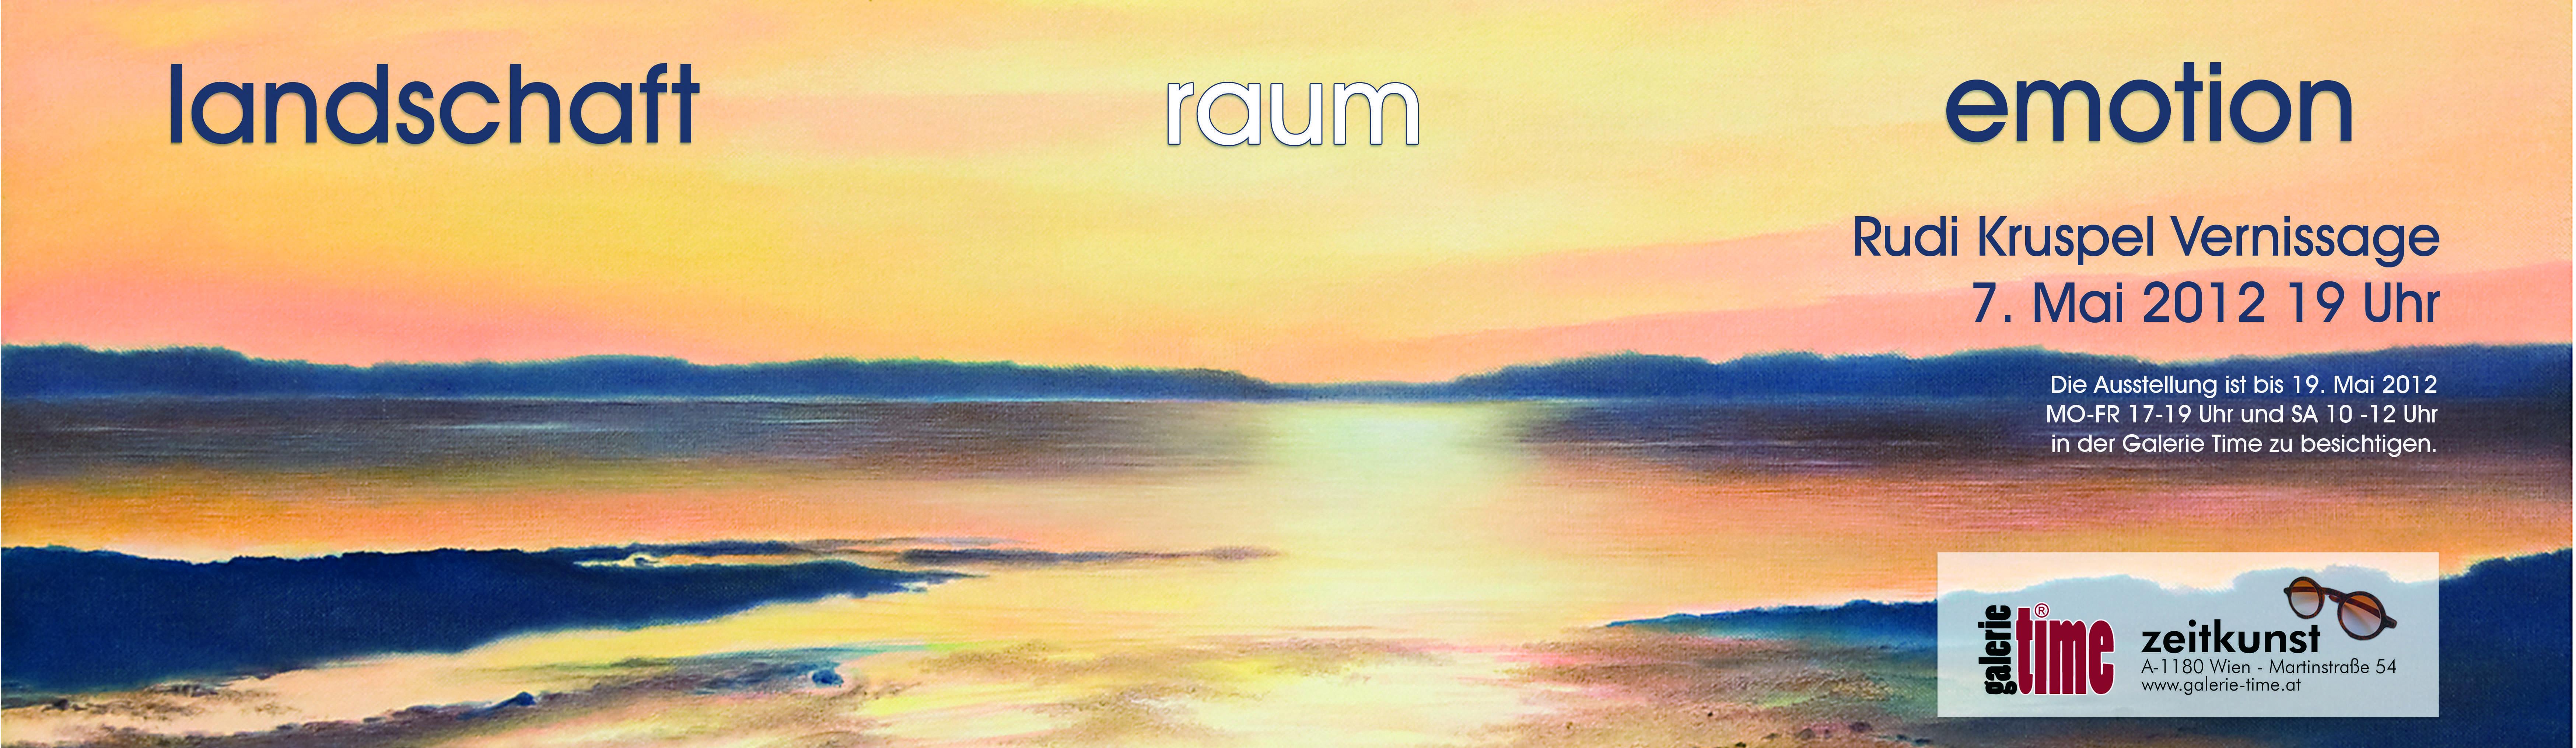 Vernissage Landschaft Raum Emotion Von Rudi Kruspel Plakat Im Ungewohnlichen Format Weit Wie Die Horizonte Von Kruspel Zeit Kunst Landschaft Emotionen